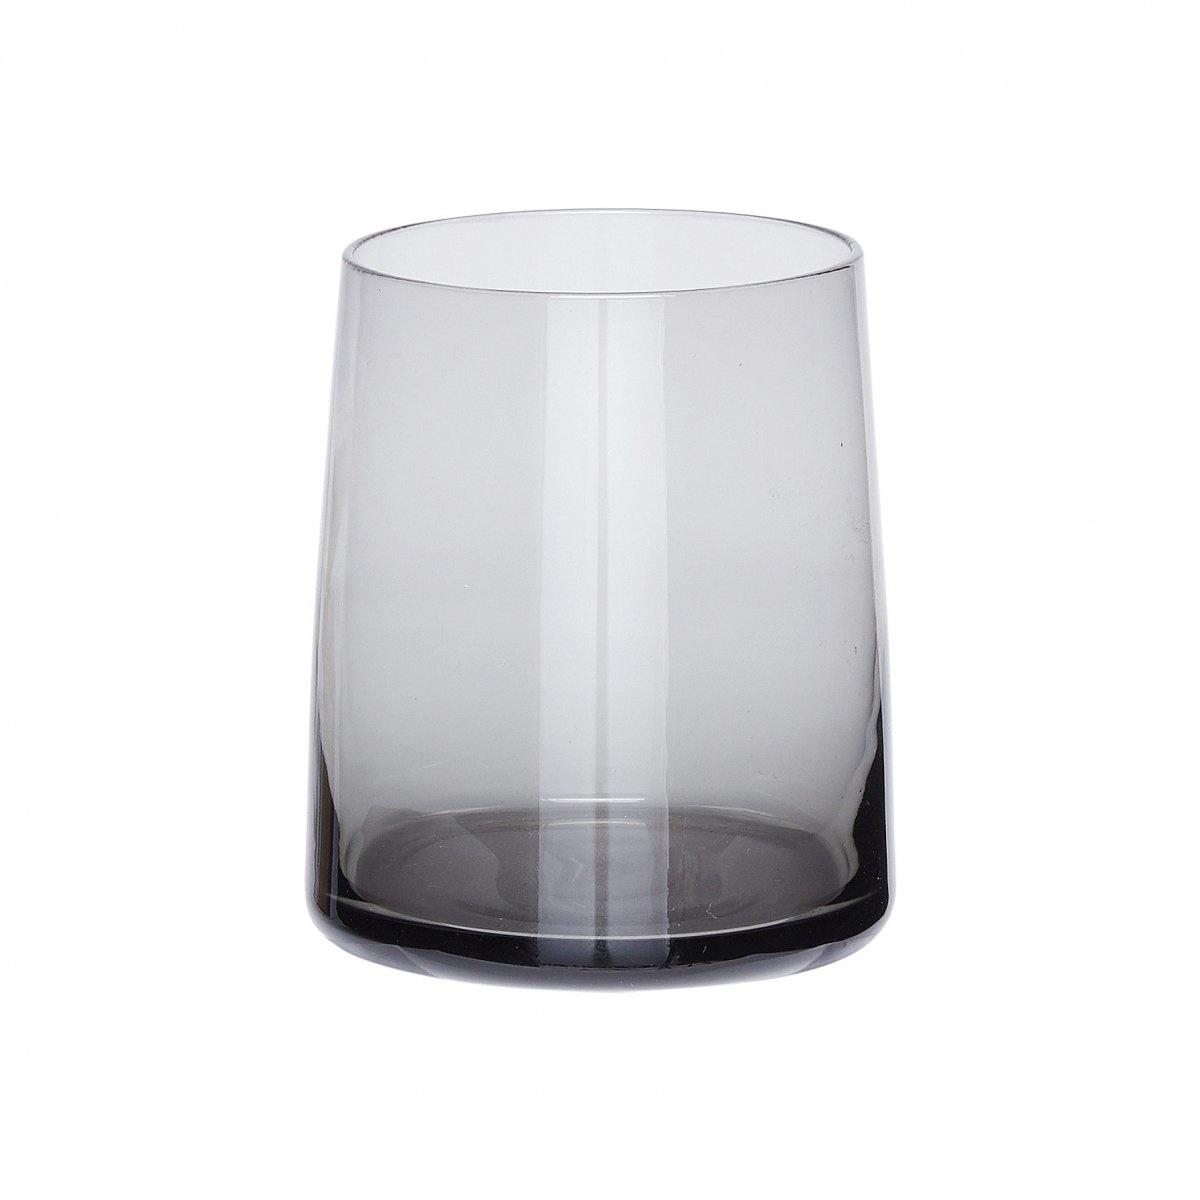 Hubsch Drinkglas, grijs - set van 6